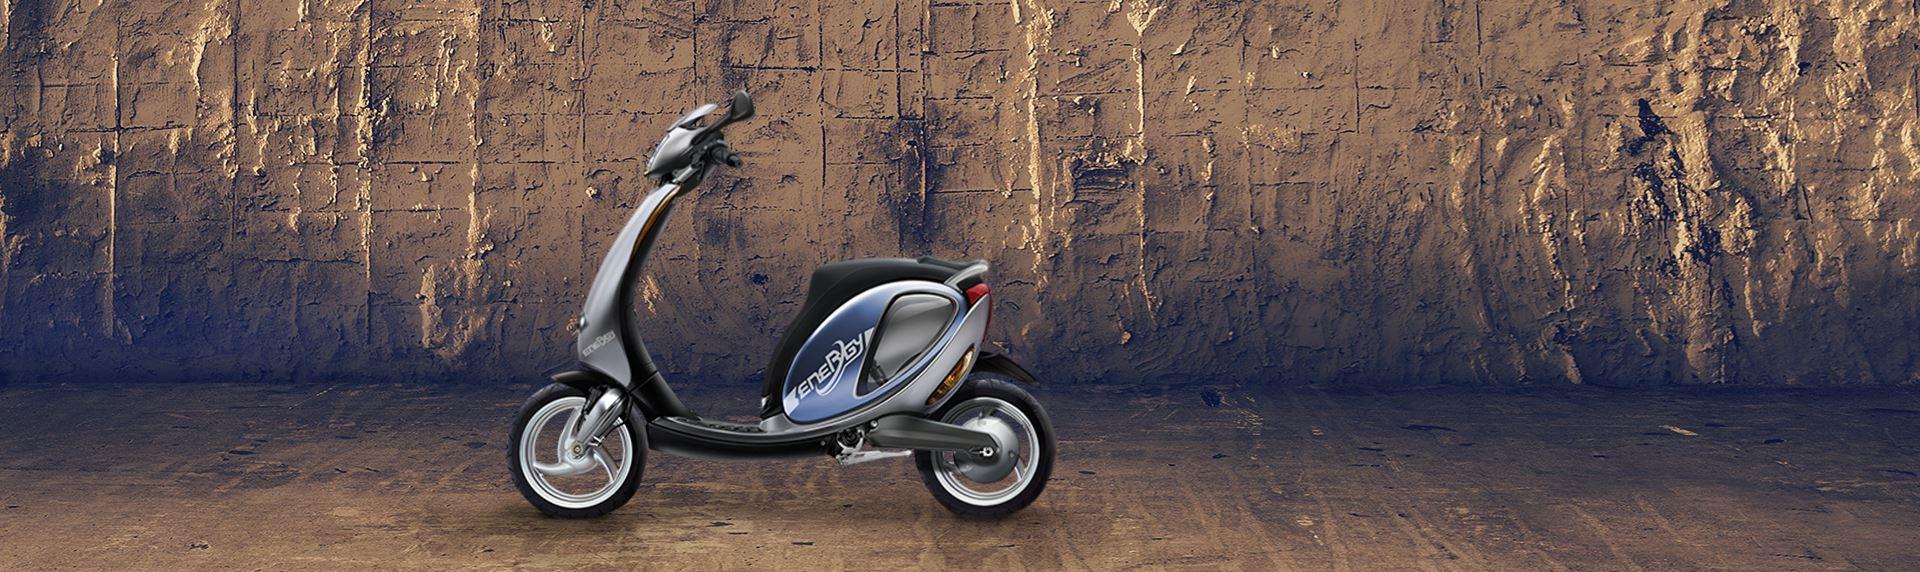 欧意设计-锂电池能源电动车